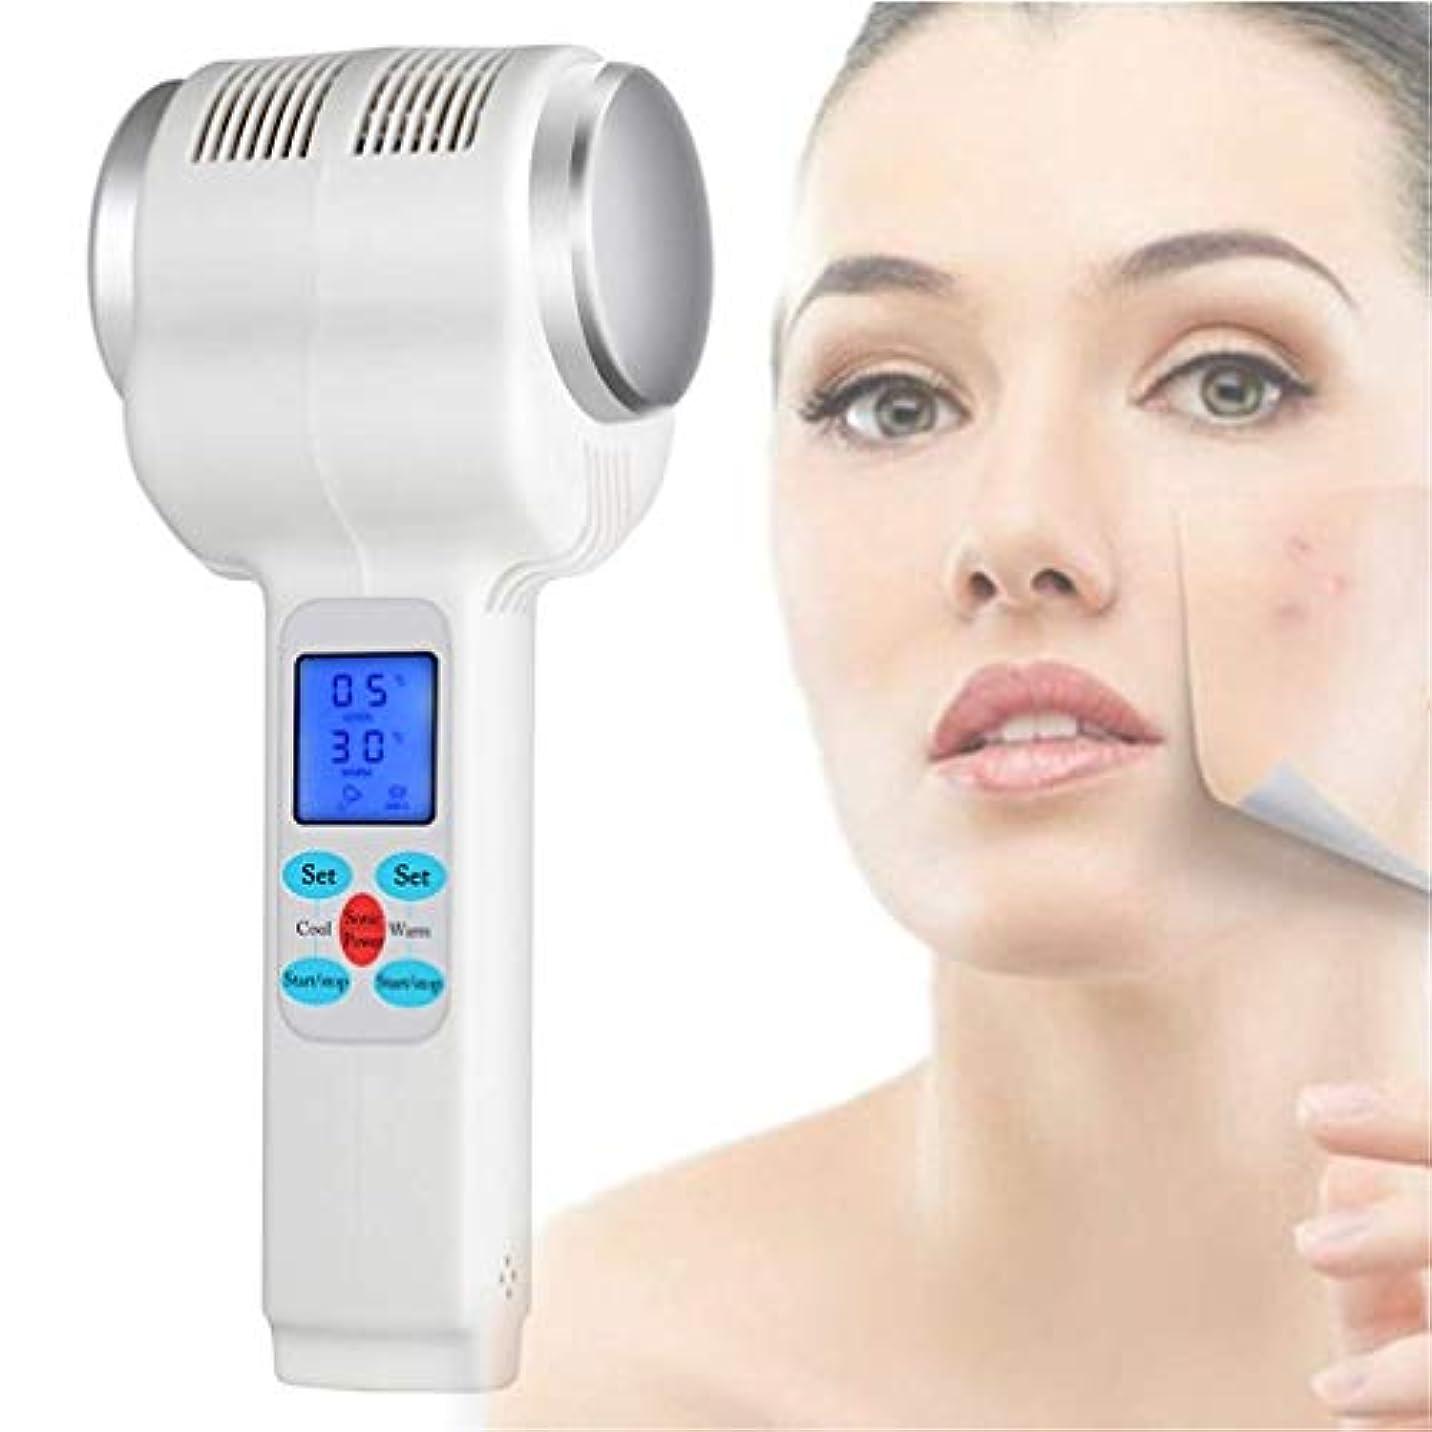 常習的コンサート本質的に顔のリフティングセラピースキンを引き締めるマッサージマシンの美しさを持ち上げる顔の美容マシン超音波ホットコールドハンマーボディスキンリフティング、アイバッグ除去、しわの除去